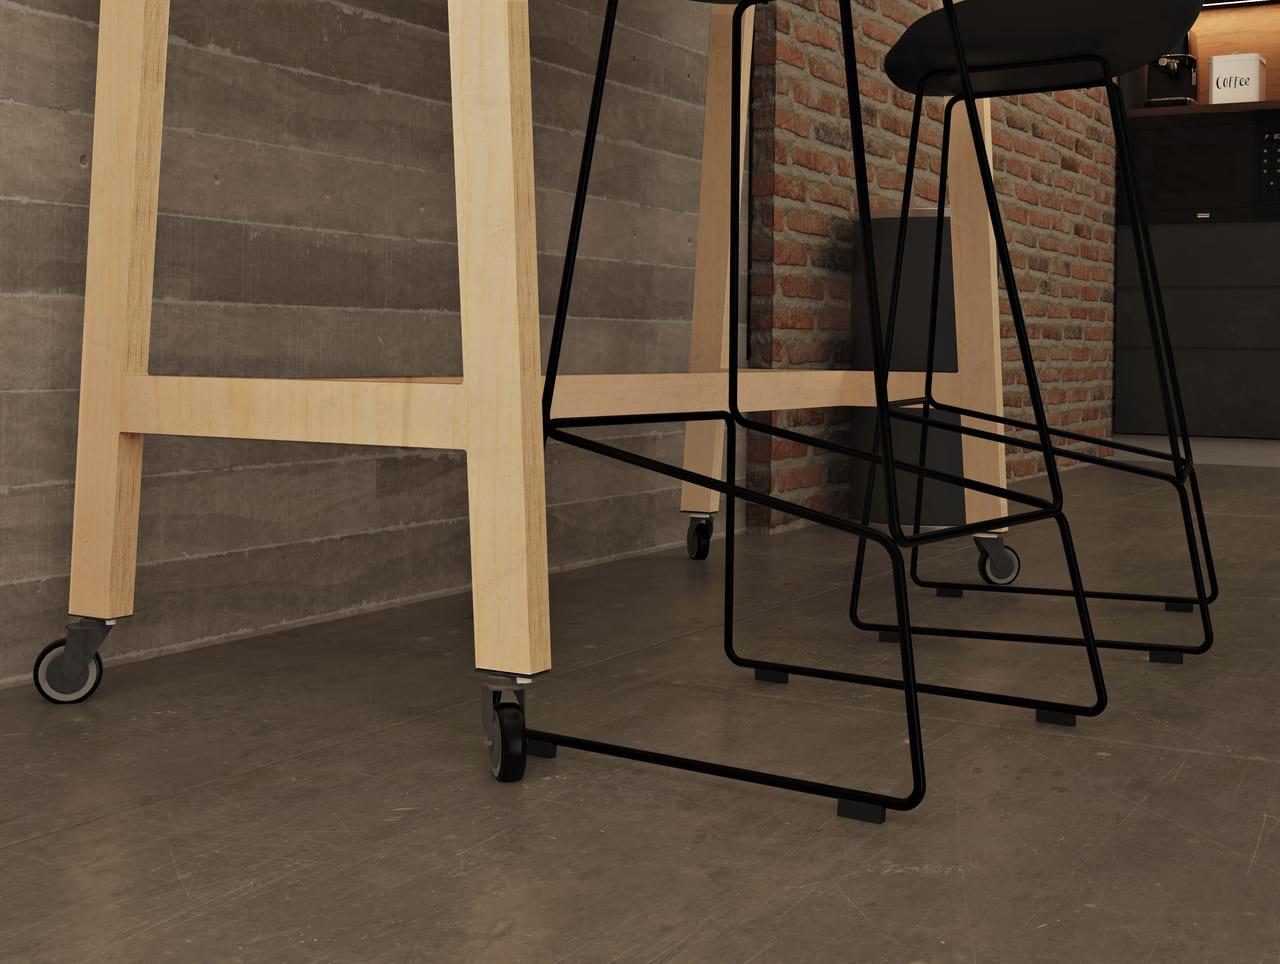 Mange debout avec des roulettes facilement modulable placée dans une salle de pause déjeuner au style industriel avec des briques rouges et du métal noir